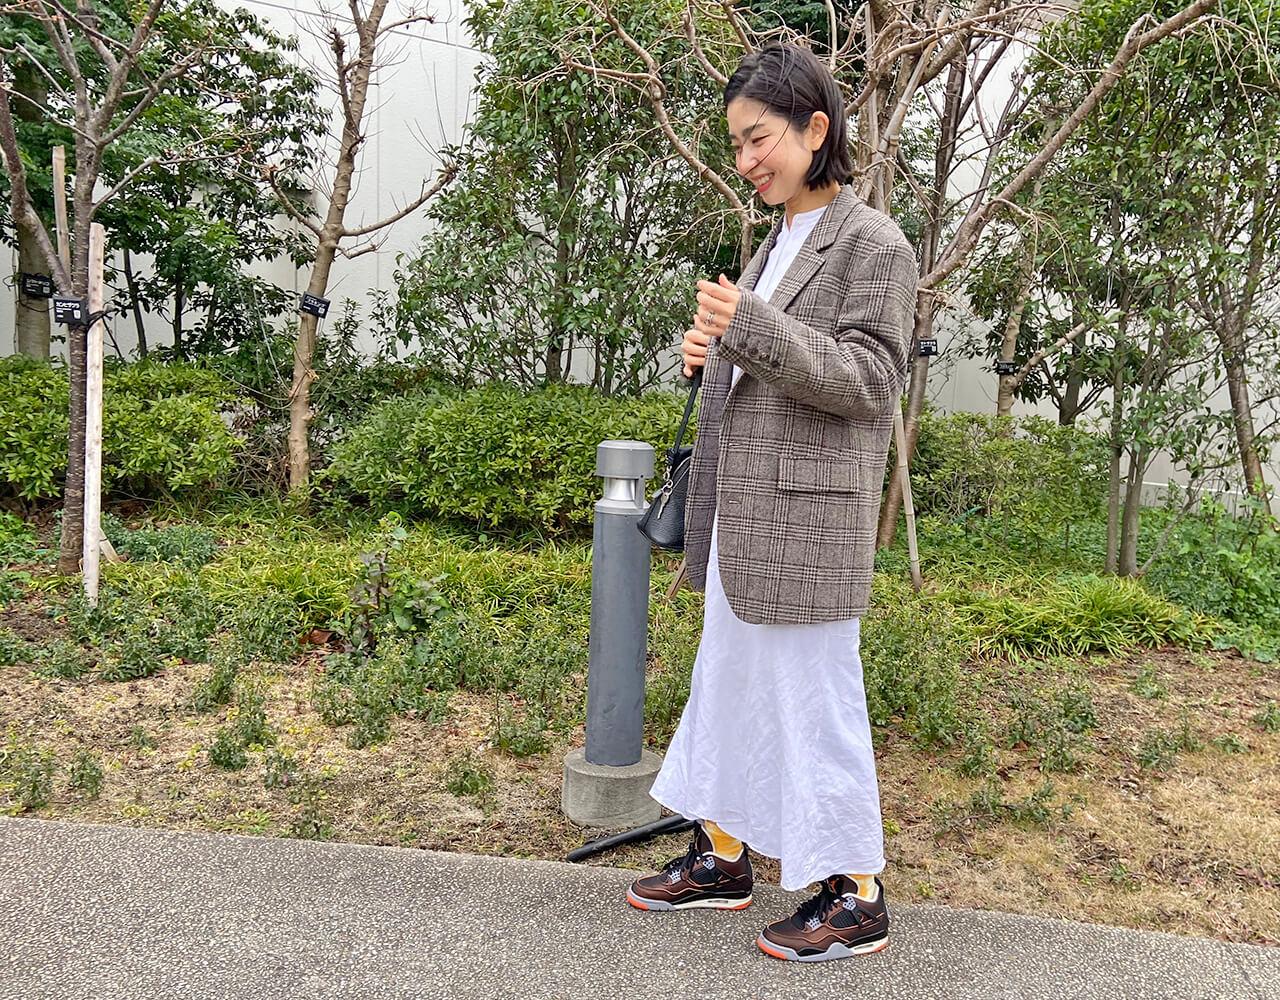 高木綾子 スニーカー/エアジョーダン4 ジャケット/ジェーンスミス ワンピース/プラージュ ソックス/アーバンリサーチドアーズ